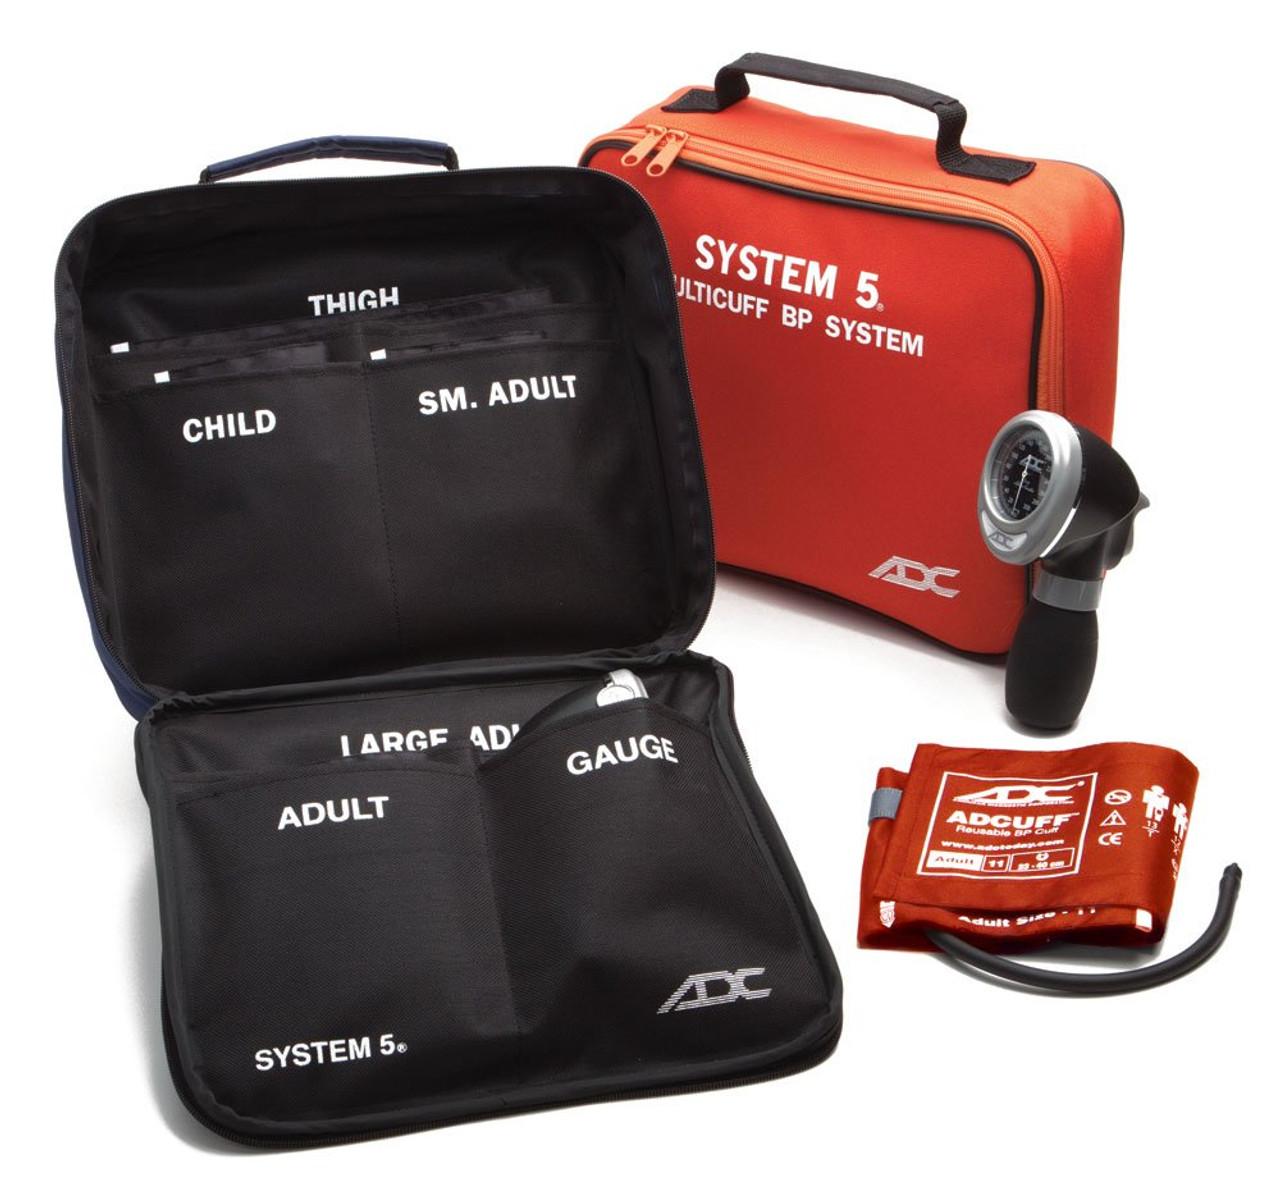 ADC 740 System 5™ Portable 5 Cuff Sphyg - Orange